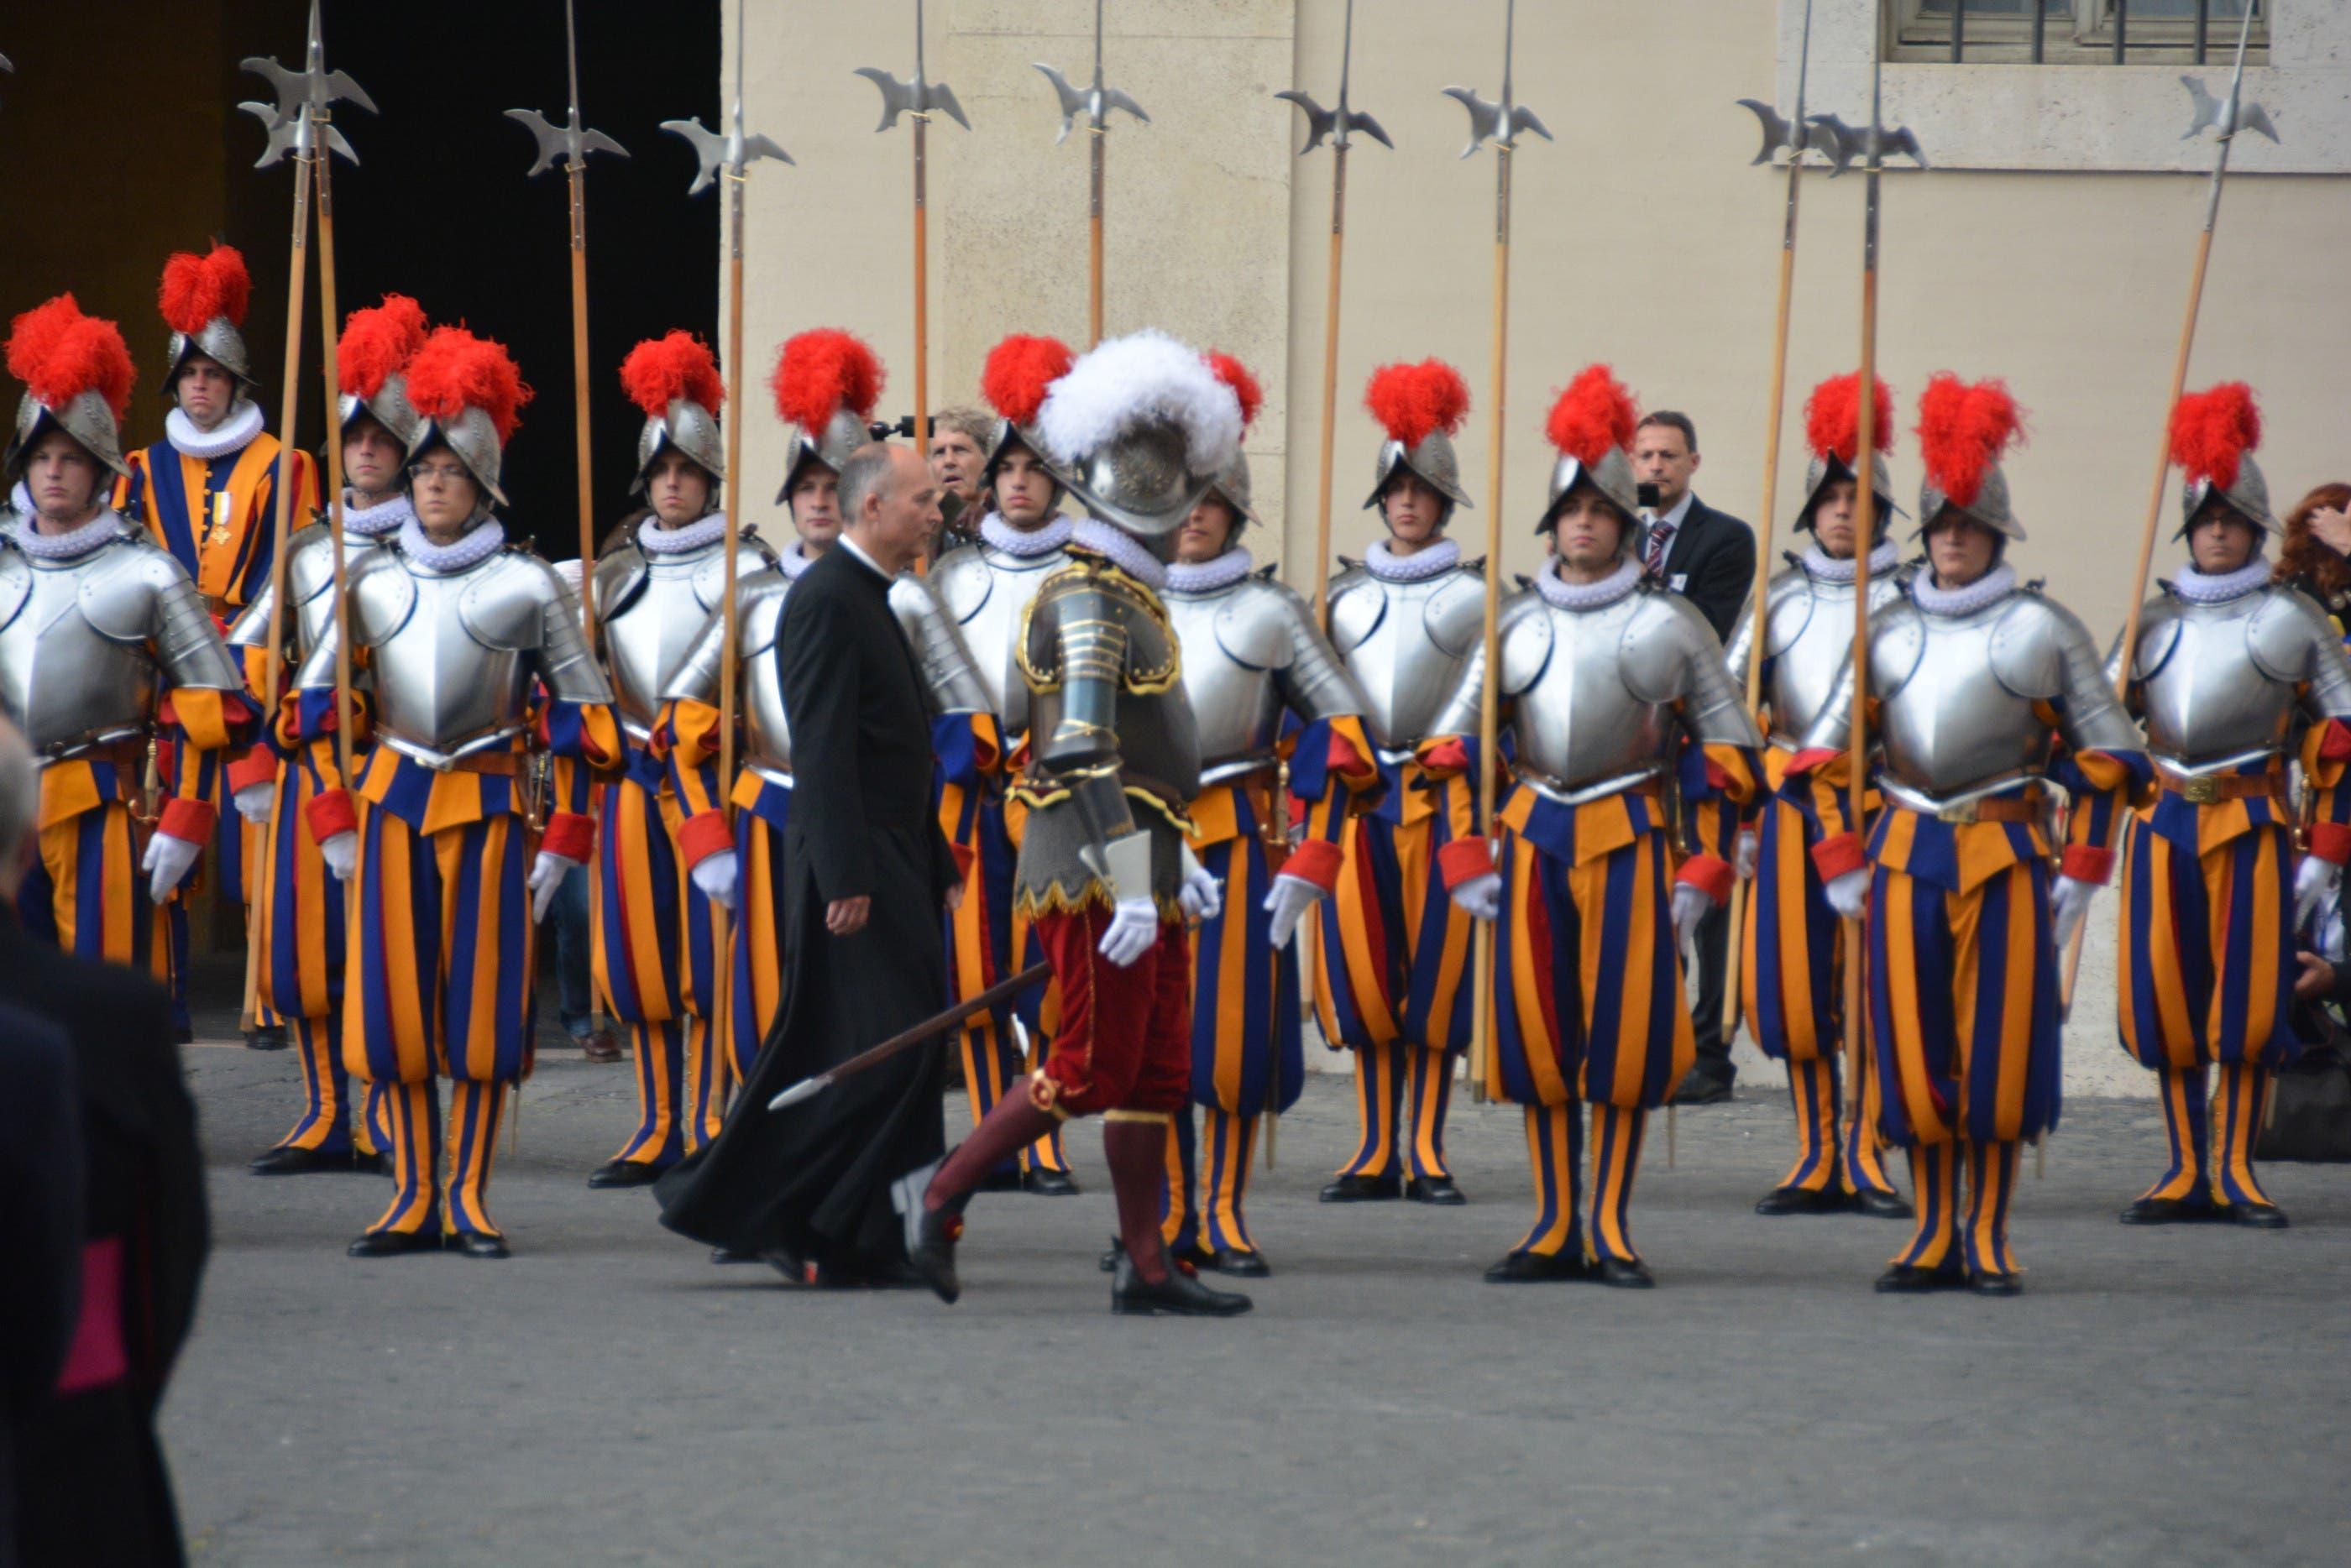 Die Vereidigung der Garde am 6. Mai 2013 Der Kommandant der Schweizer Garde überprüft die Hellebardiere kurz vor der Vereidigung.